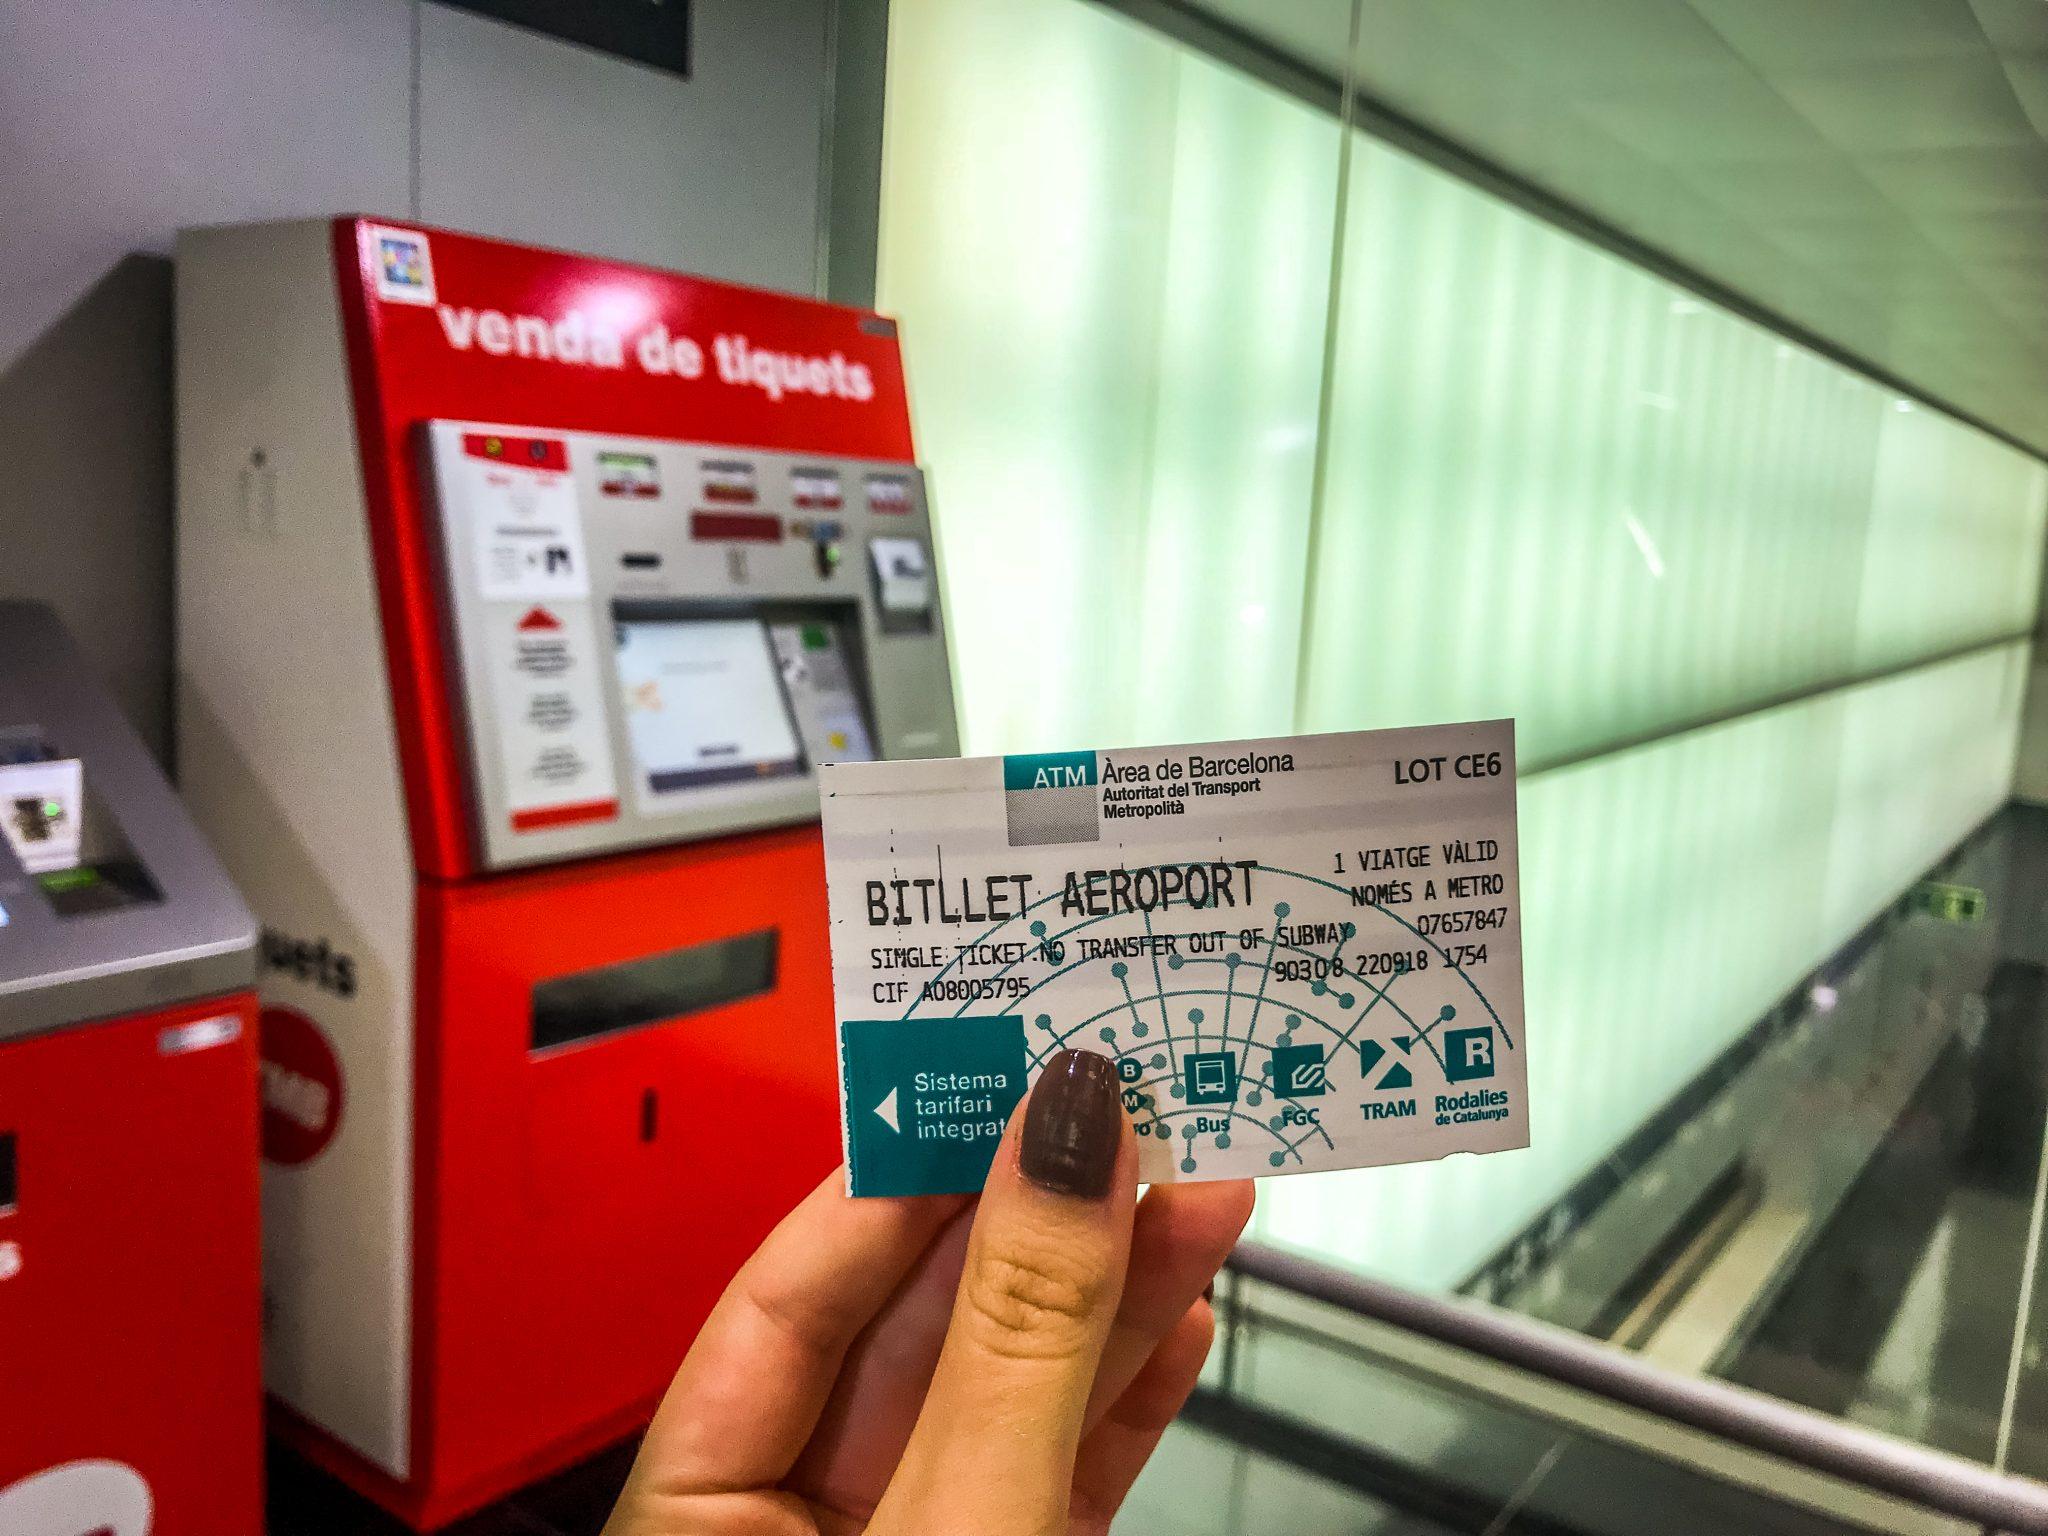 So sieht dein Metro Ticket für den Flughafen Barcelona aus, welches du besitzen musst.